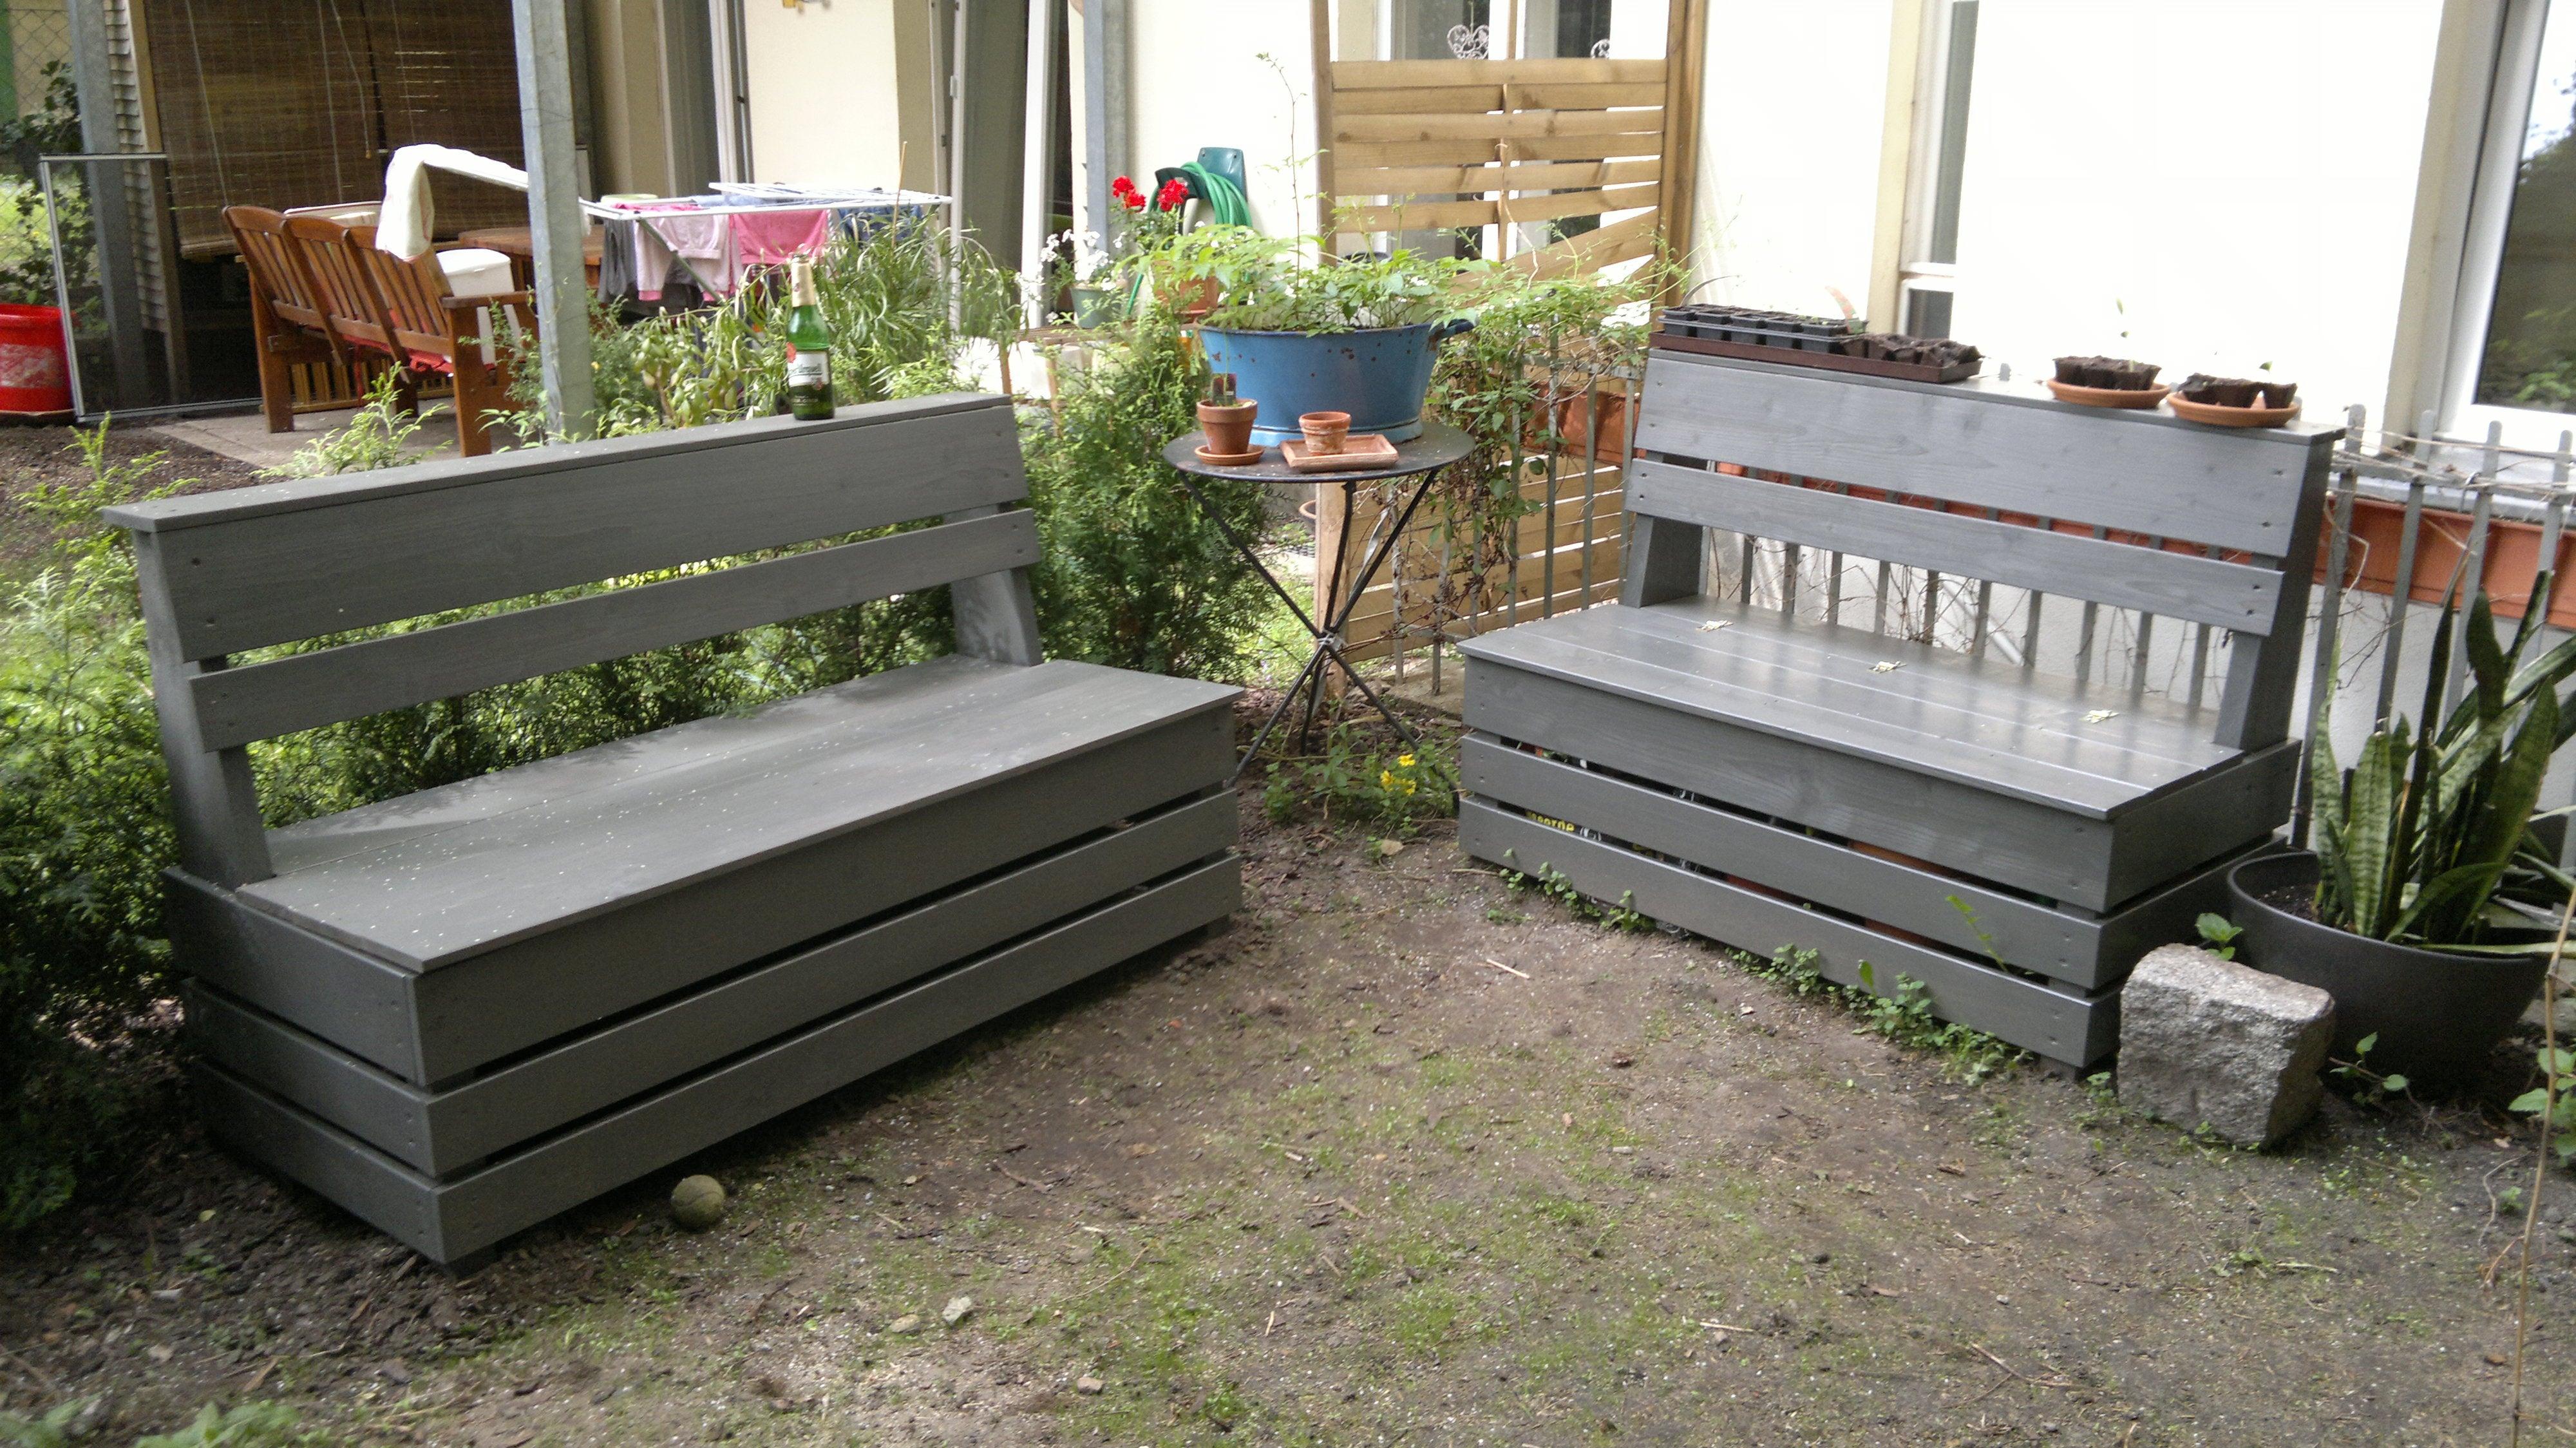 Excellent Easy Garden Storage Bench, Diy Outdoor Seat With Storage